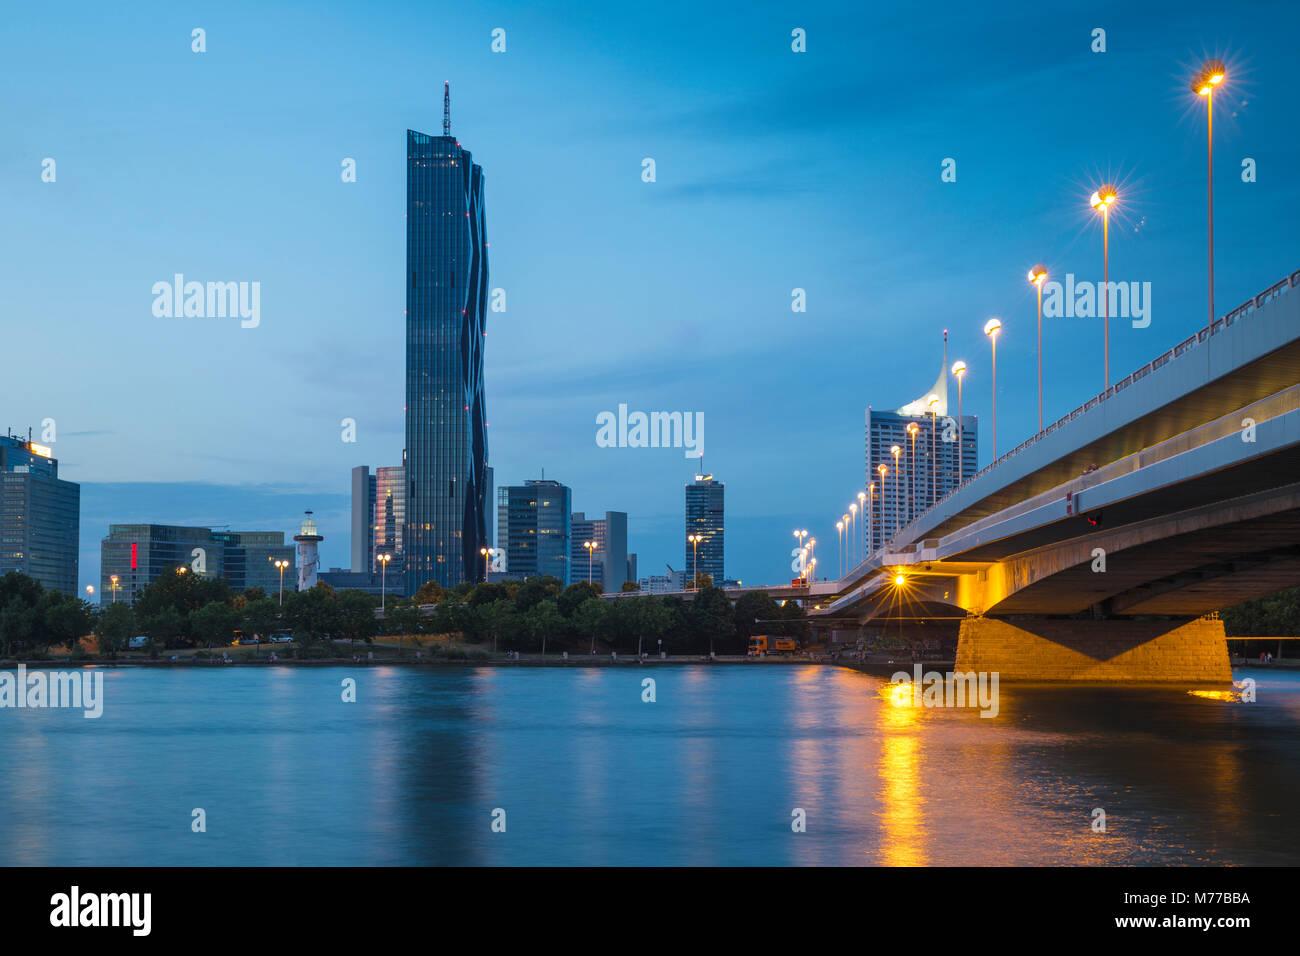 Donau City e DC edificio riflettente nel Nuovo Danubio, Vienna, Austria, Europa Immagini Stock